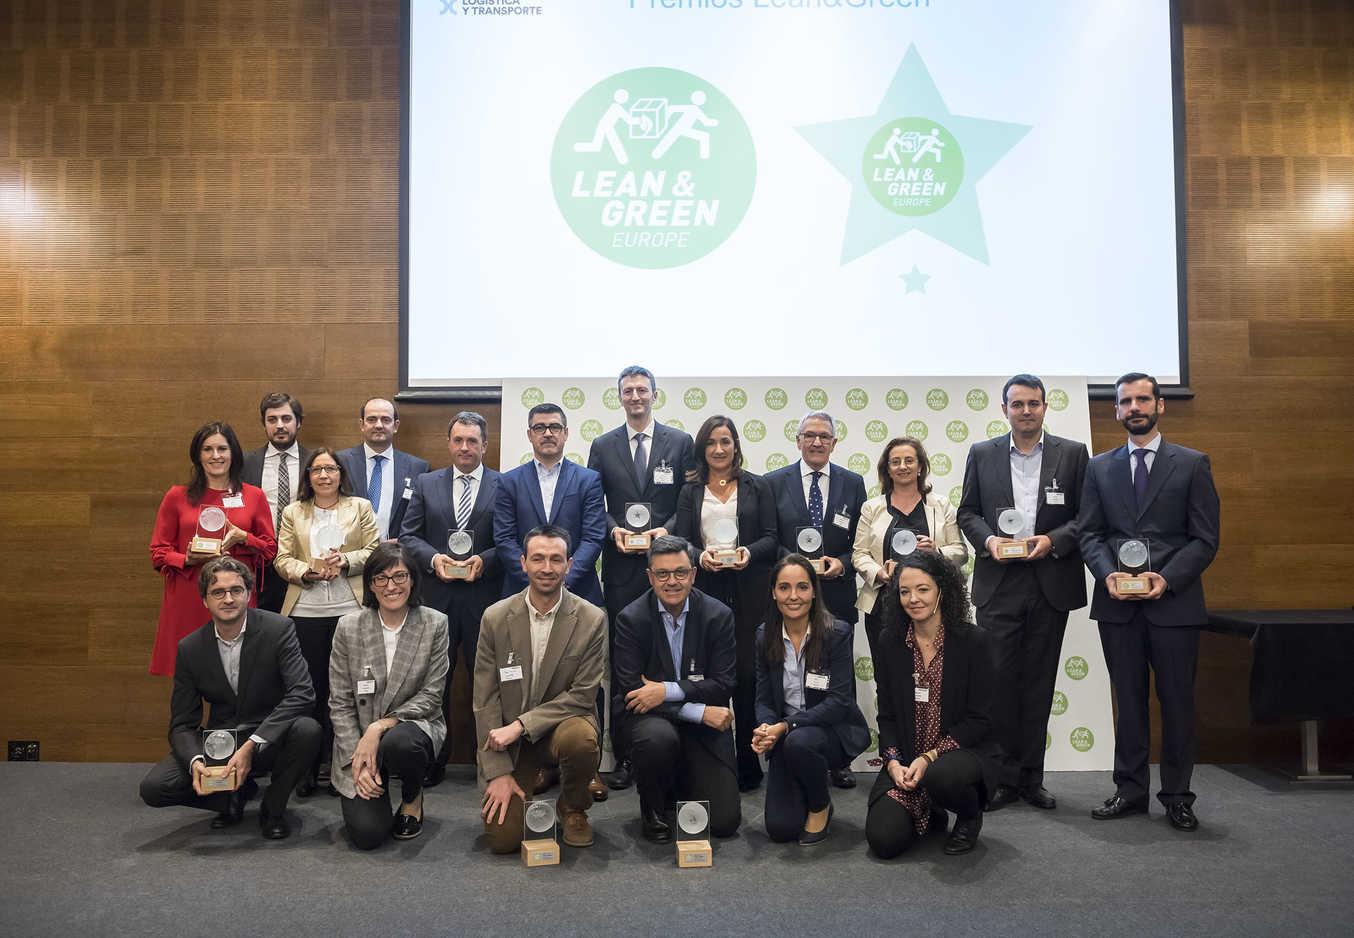 LPR España recibe el premio Lean&Green